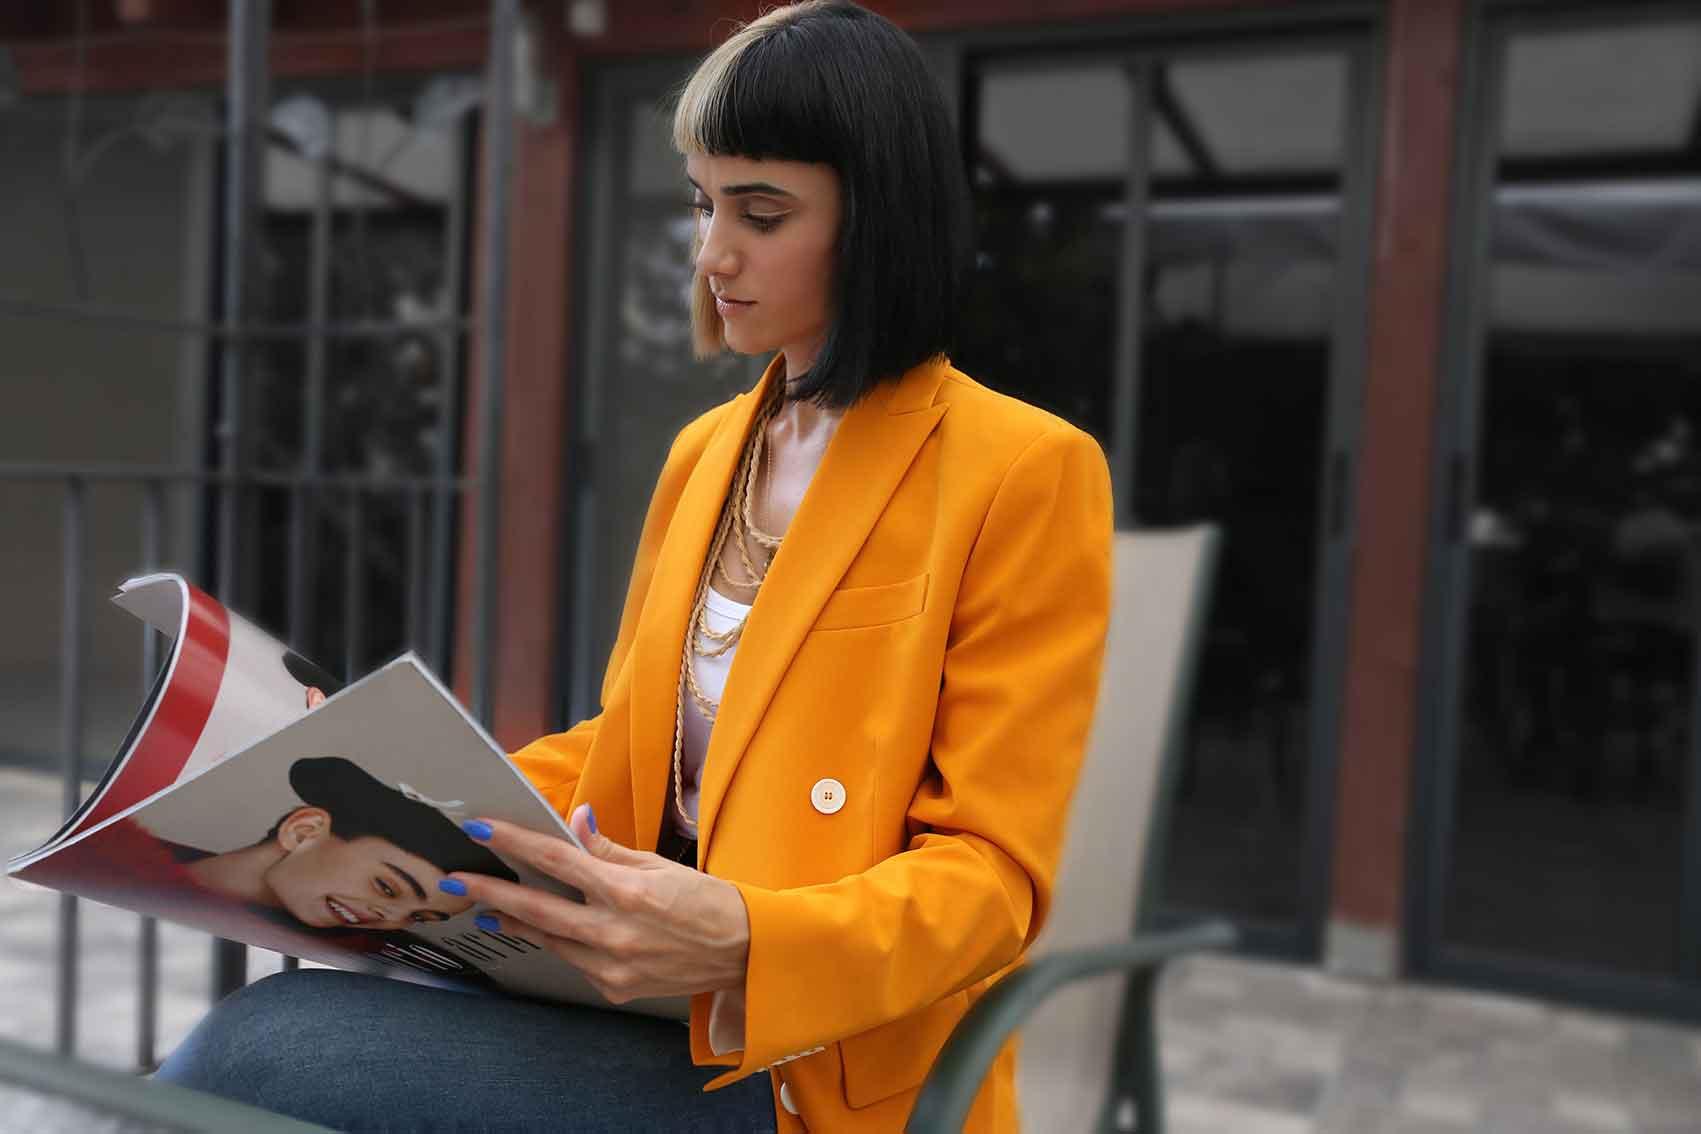 חנאן-אחמד-מעצבת-כלות-מגזין-אופנה